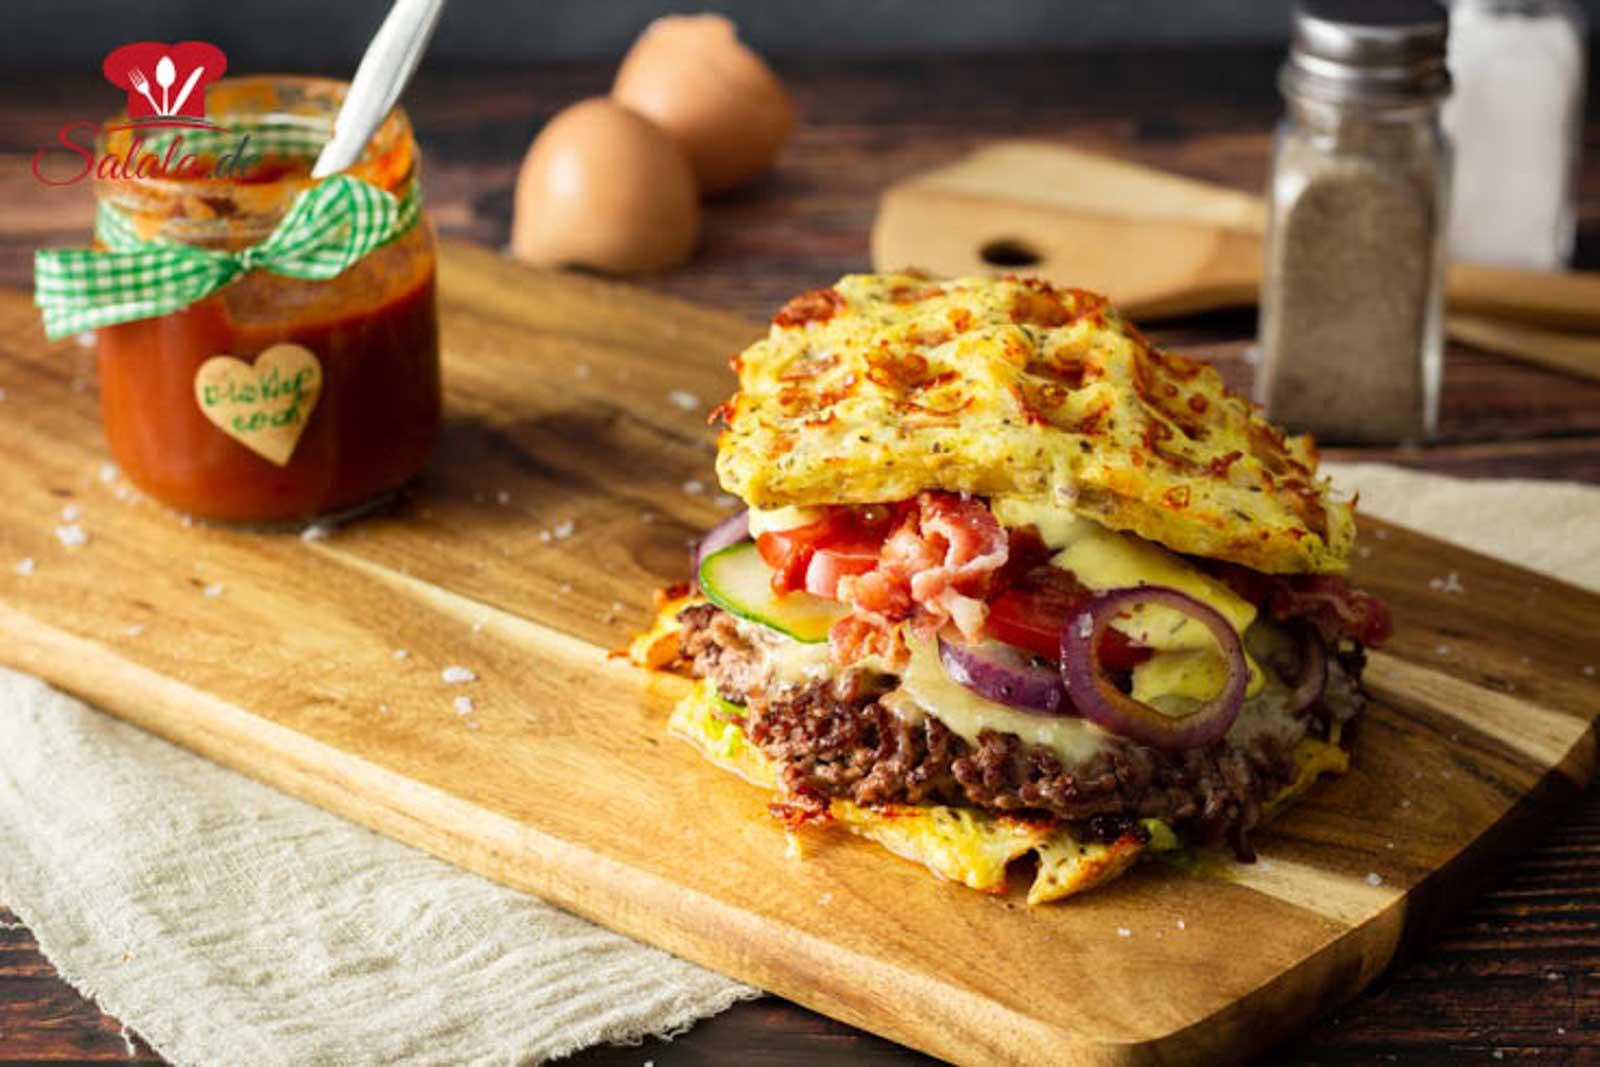 Hast du schon mal Smashed Burger versucht? Einfach Hackfleisch in die Pfanne und platt drücken. Schmeckt super lecker und ist total knusprig. Und wenn den Smash Burger auch noch als Chaffle Burger bastelst, dann hast du den perfekten Keto Burger. Versprochen.